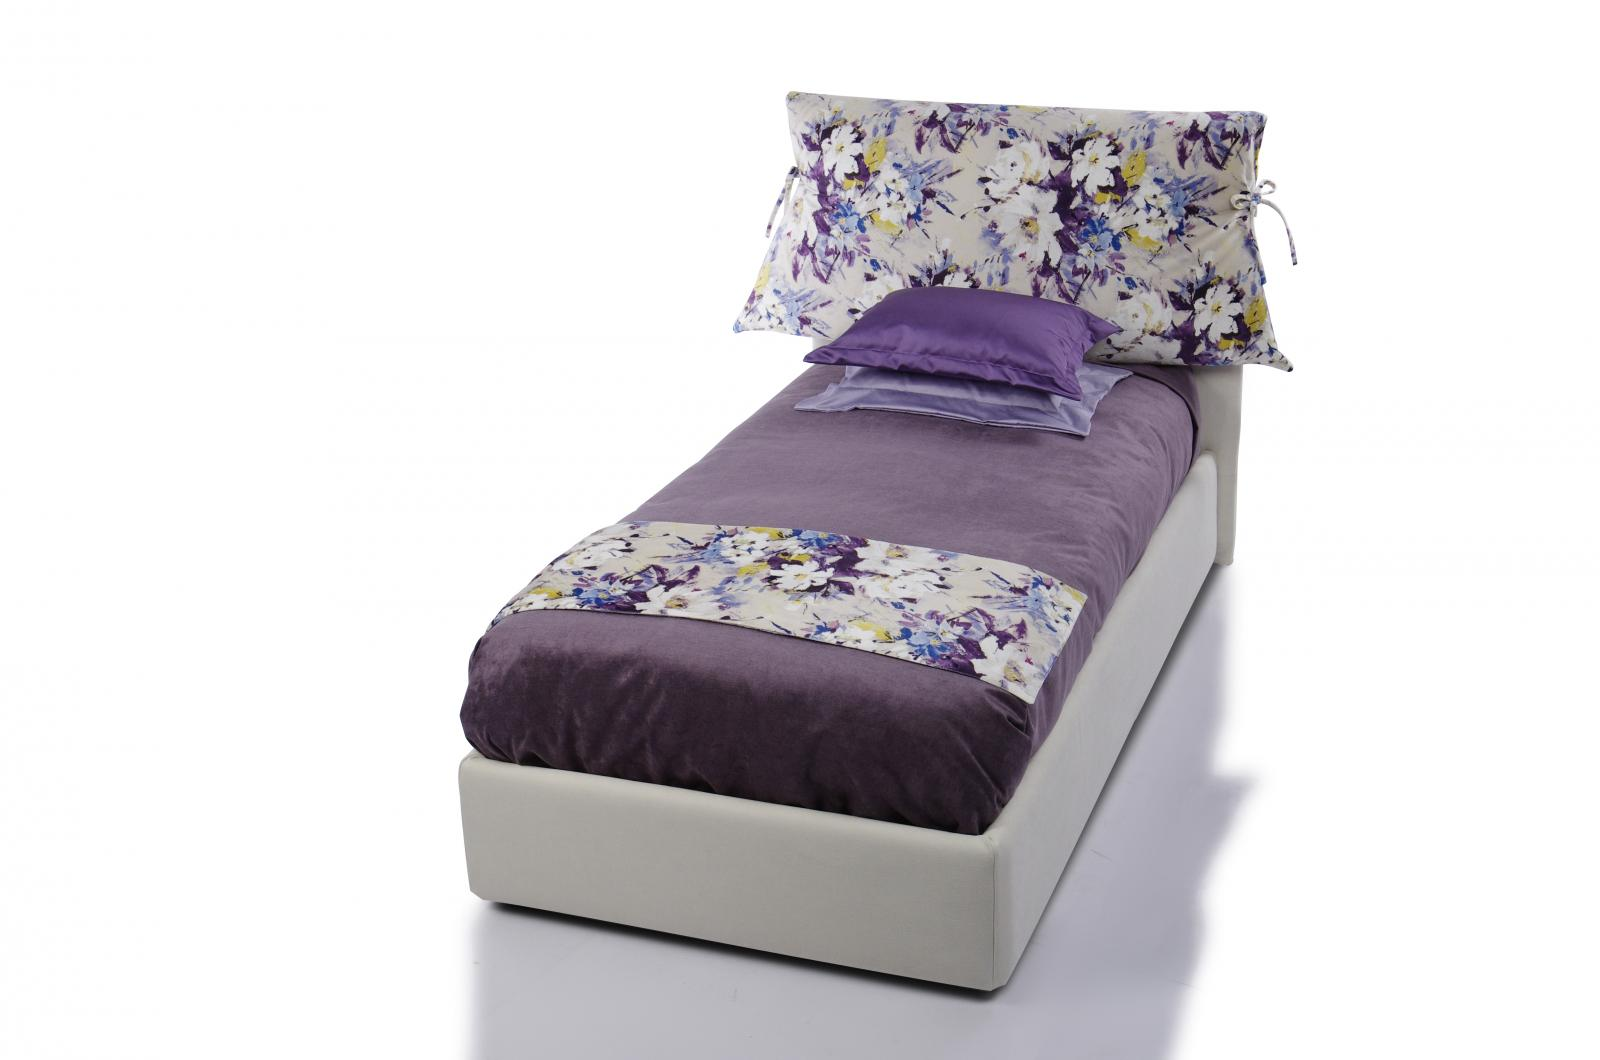 Кровать Alfabed Lounge 90х200, inmyroom, Италия  - Купить